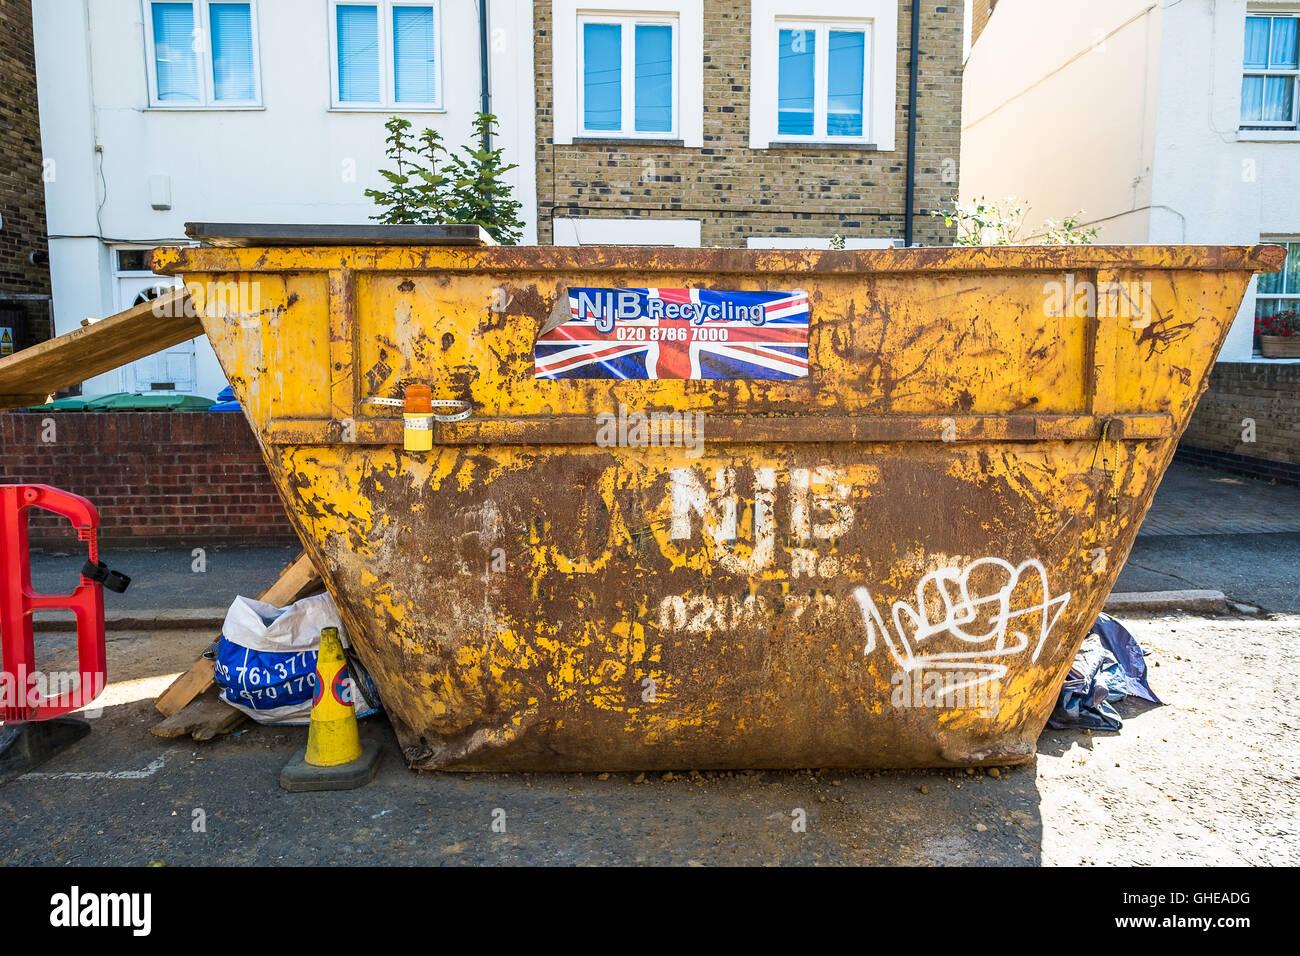 Amarillo saltar fuera de una casa renovación en el sureste de Londres, Southwark, Inglaterra, Reino Unido. Imagen De Stock